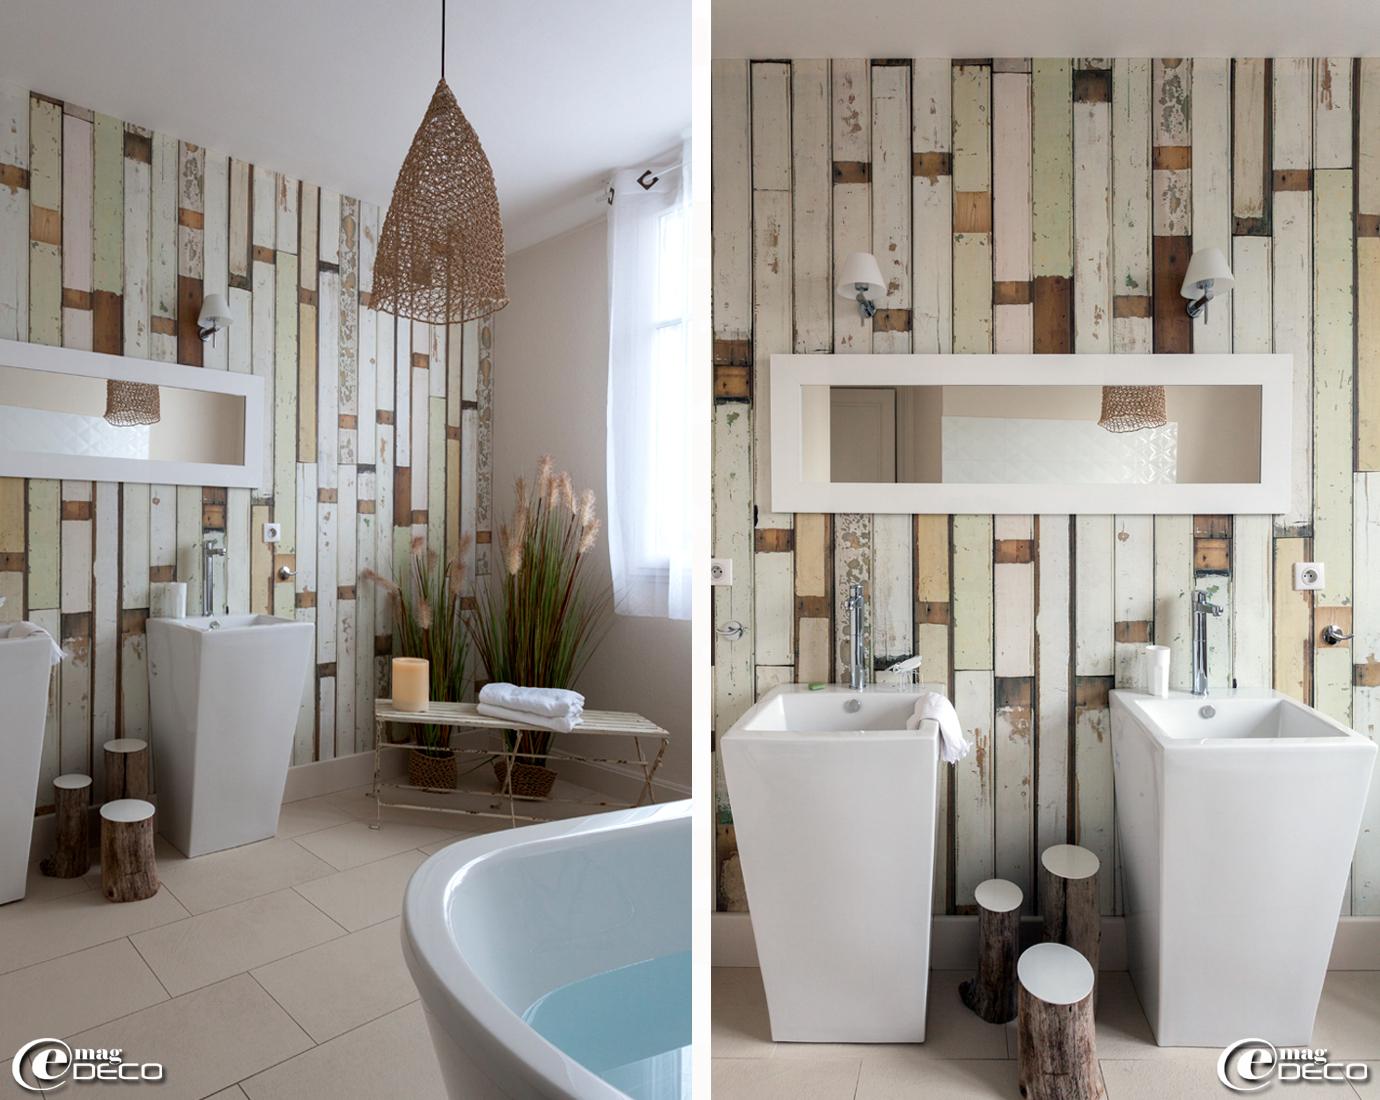 glace salle de bain castorama. Black Bedroom Furniture Sets. Home Design Ideas